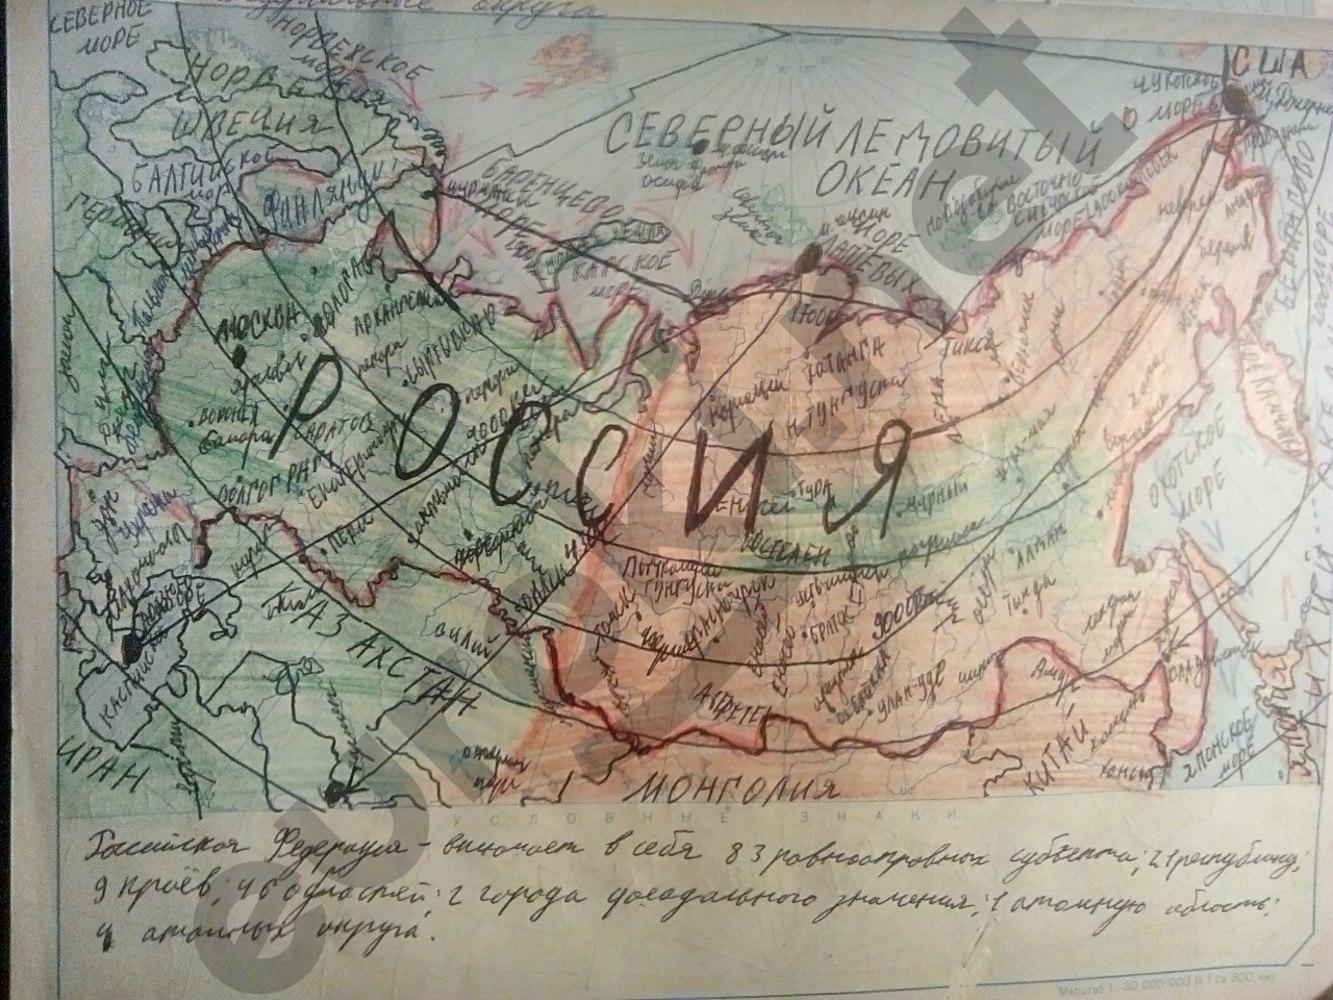 по гдз 8-9 класс по география россии географии атласу